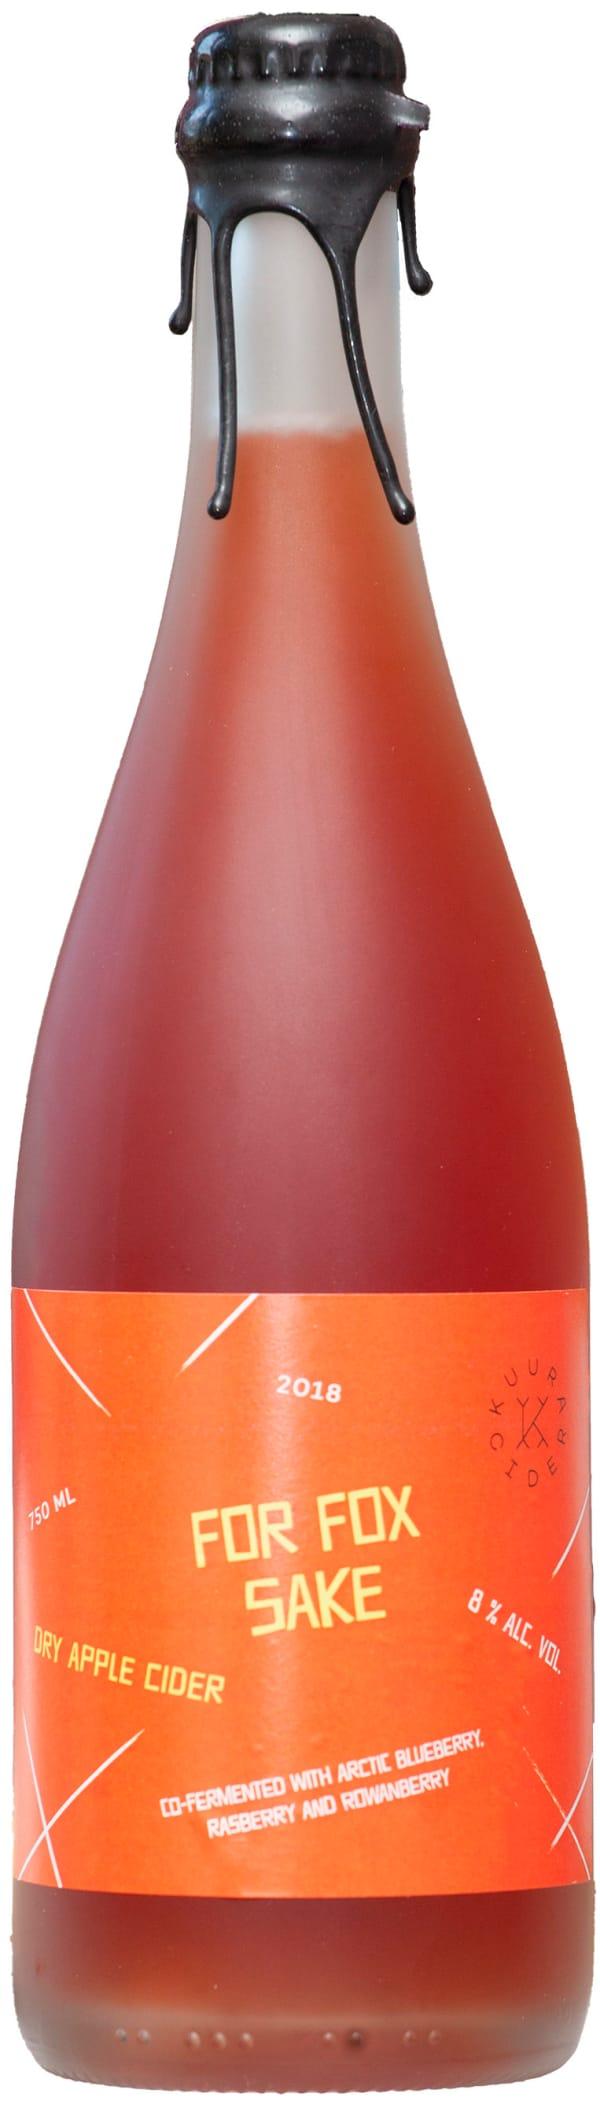 Kuura For Fox Sake Dry Apple Cider 2018